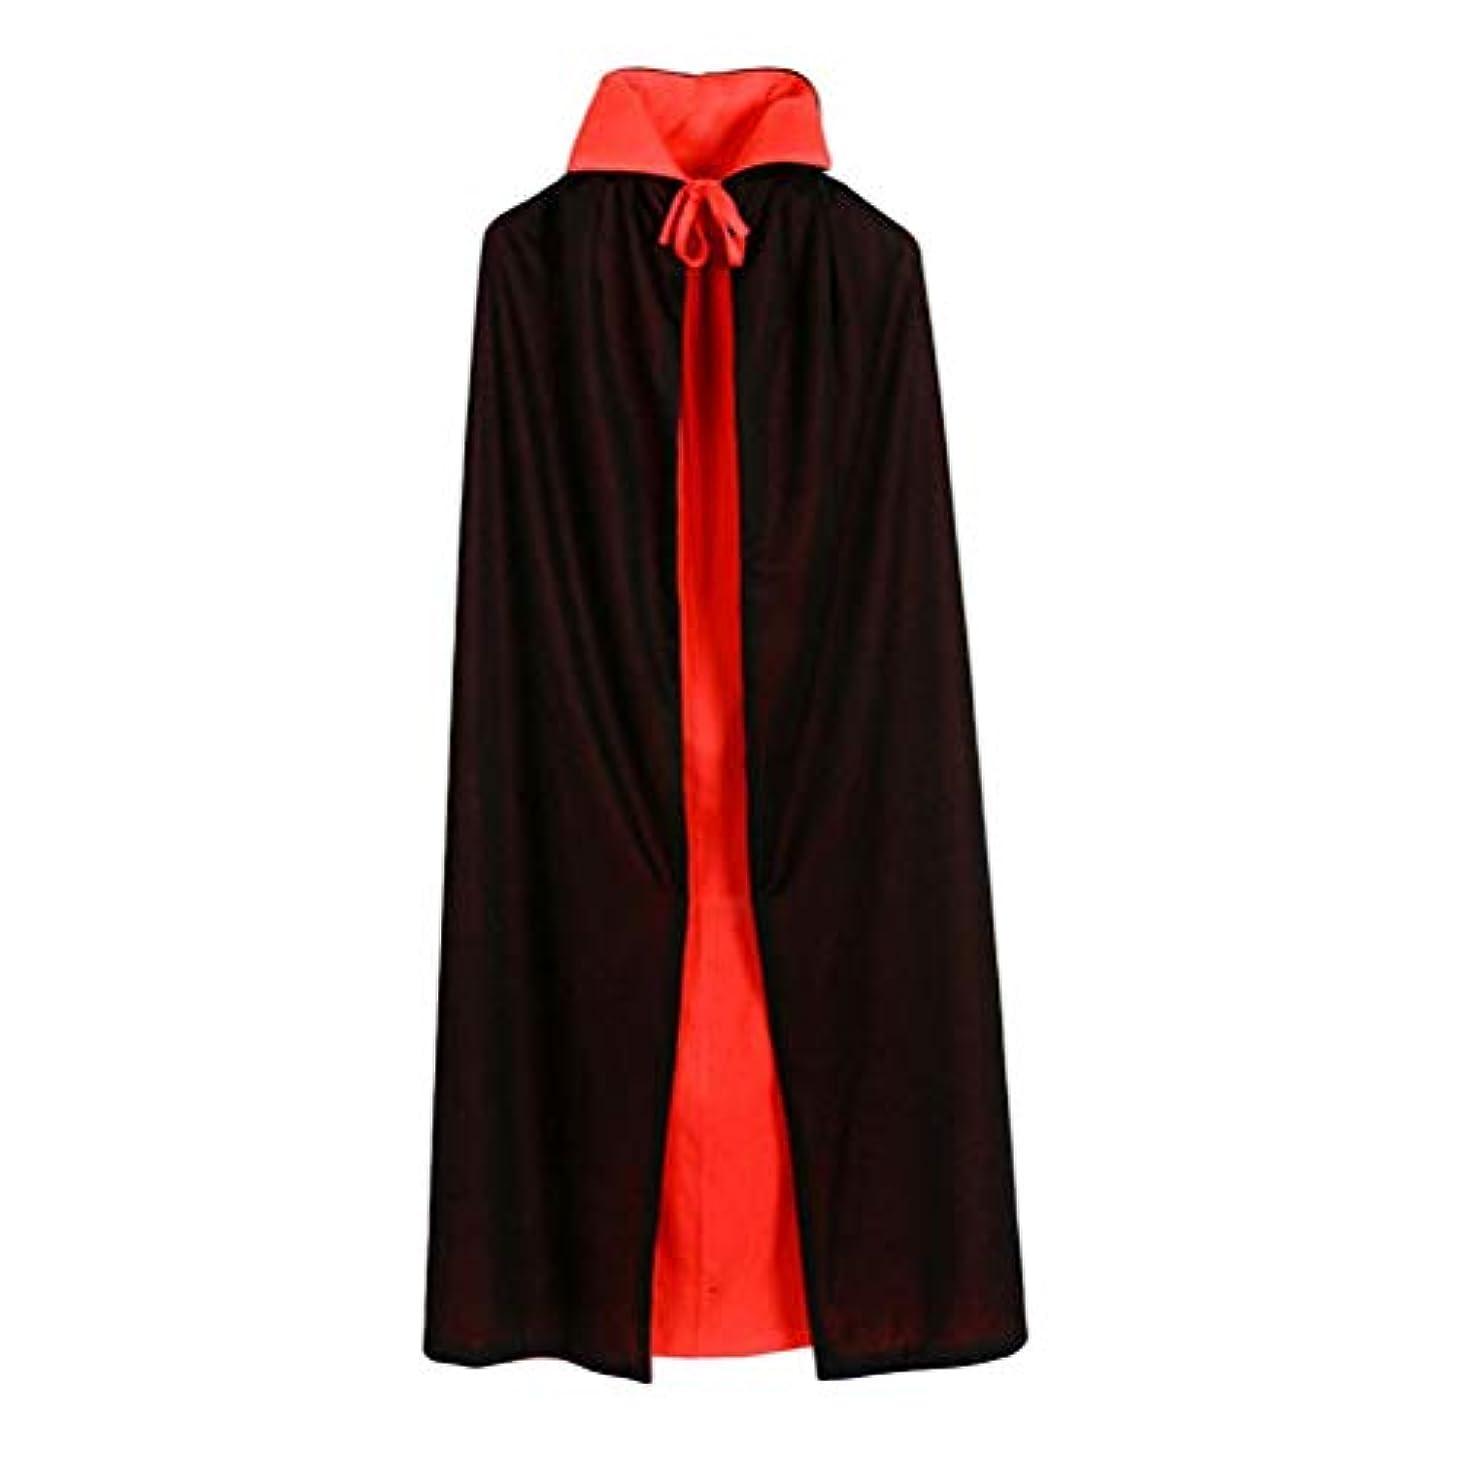 宿泊低いリーズToyvian ヴァンパイアマント二重層黒と赤のフード付きマントヴァンパイアコスチュームコスプレケープは男の子と女の子のためにドレスアップ(90cmストレートカラーダブルマント)